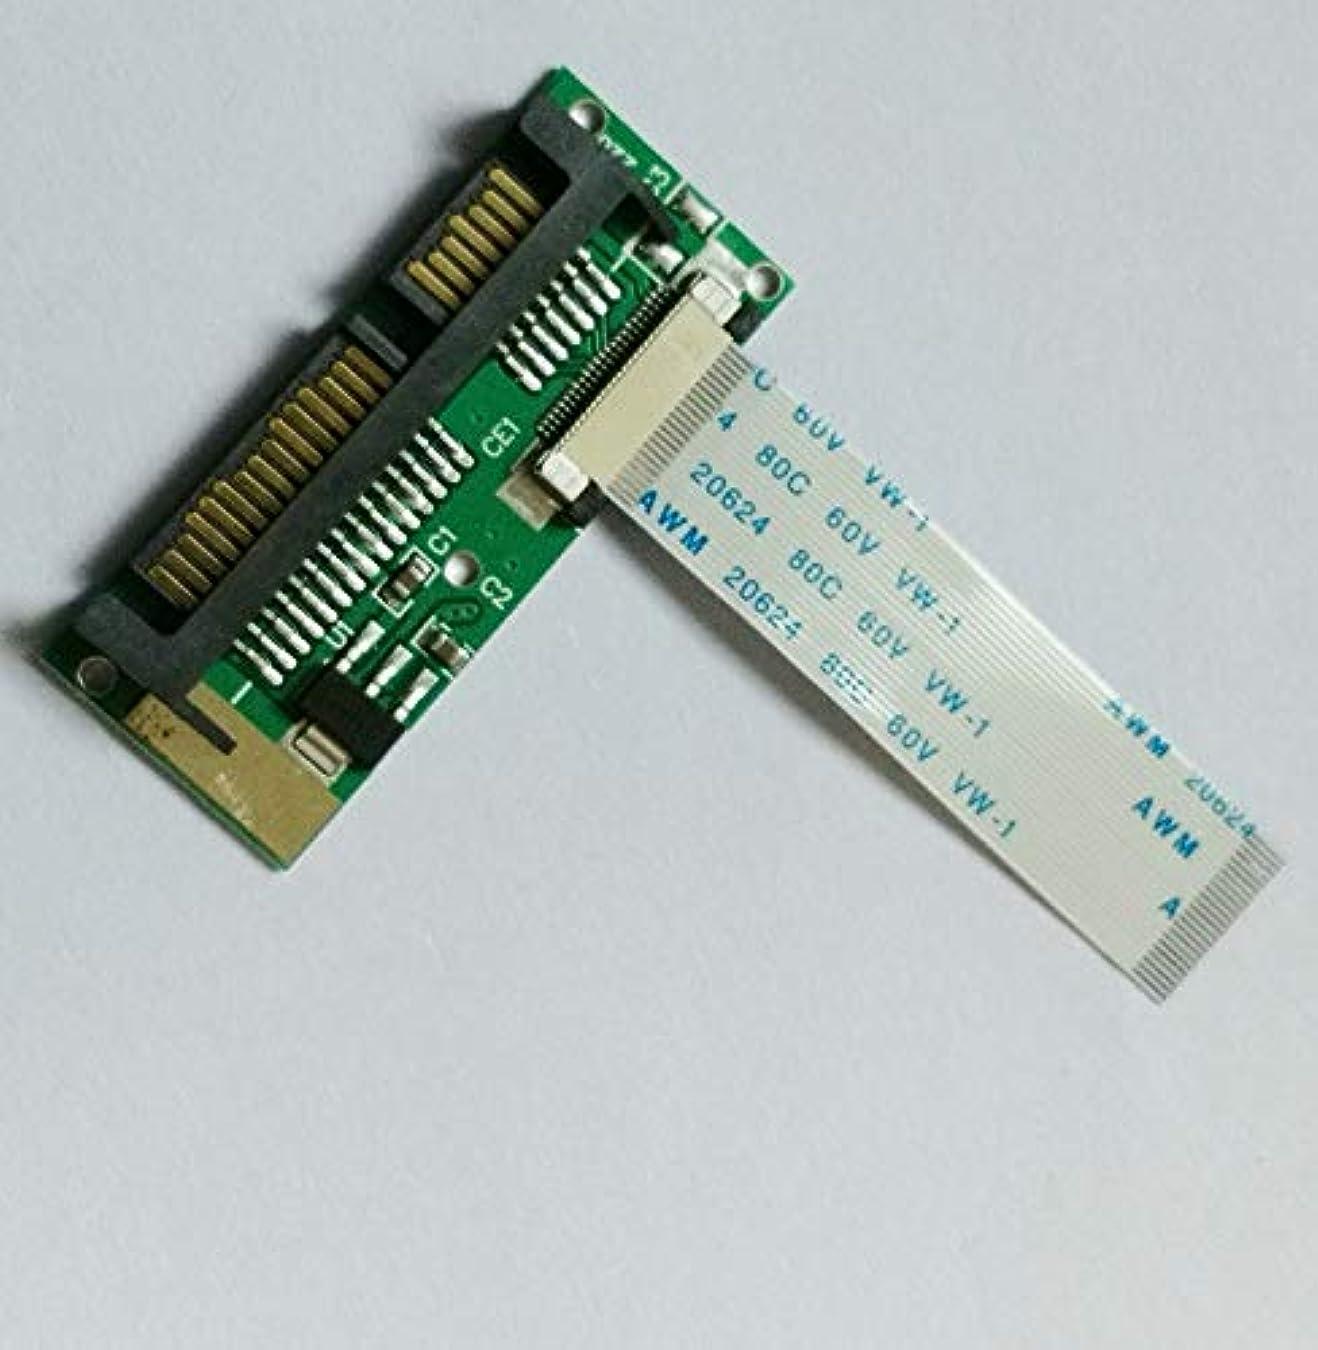 罰方法シンポジウム1.8インチ 24ピン 24ピン LIF/ZIF CE HDDハードディスクドライブ SSD - 7+15 22ピン SATAオスアダプターコンバーター MacBook Air Toshiba Samsung SSD用